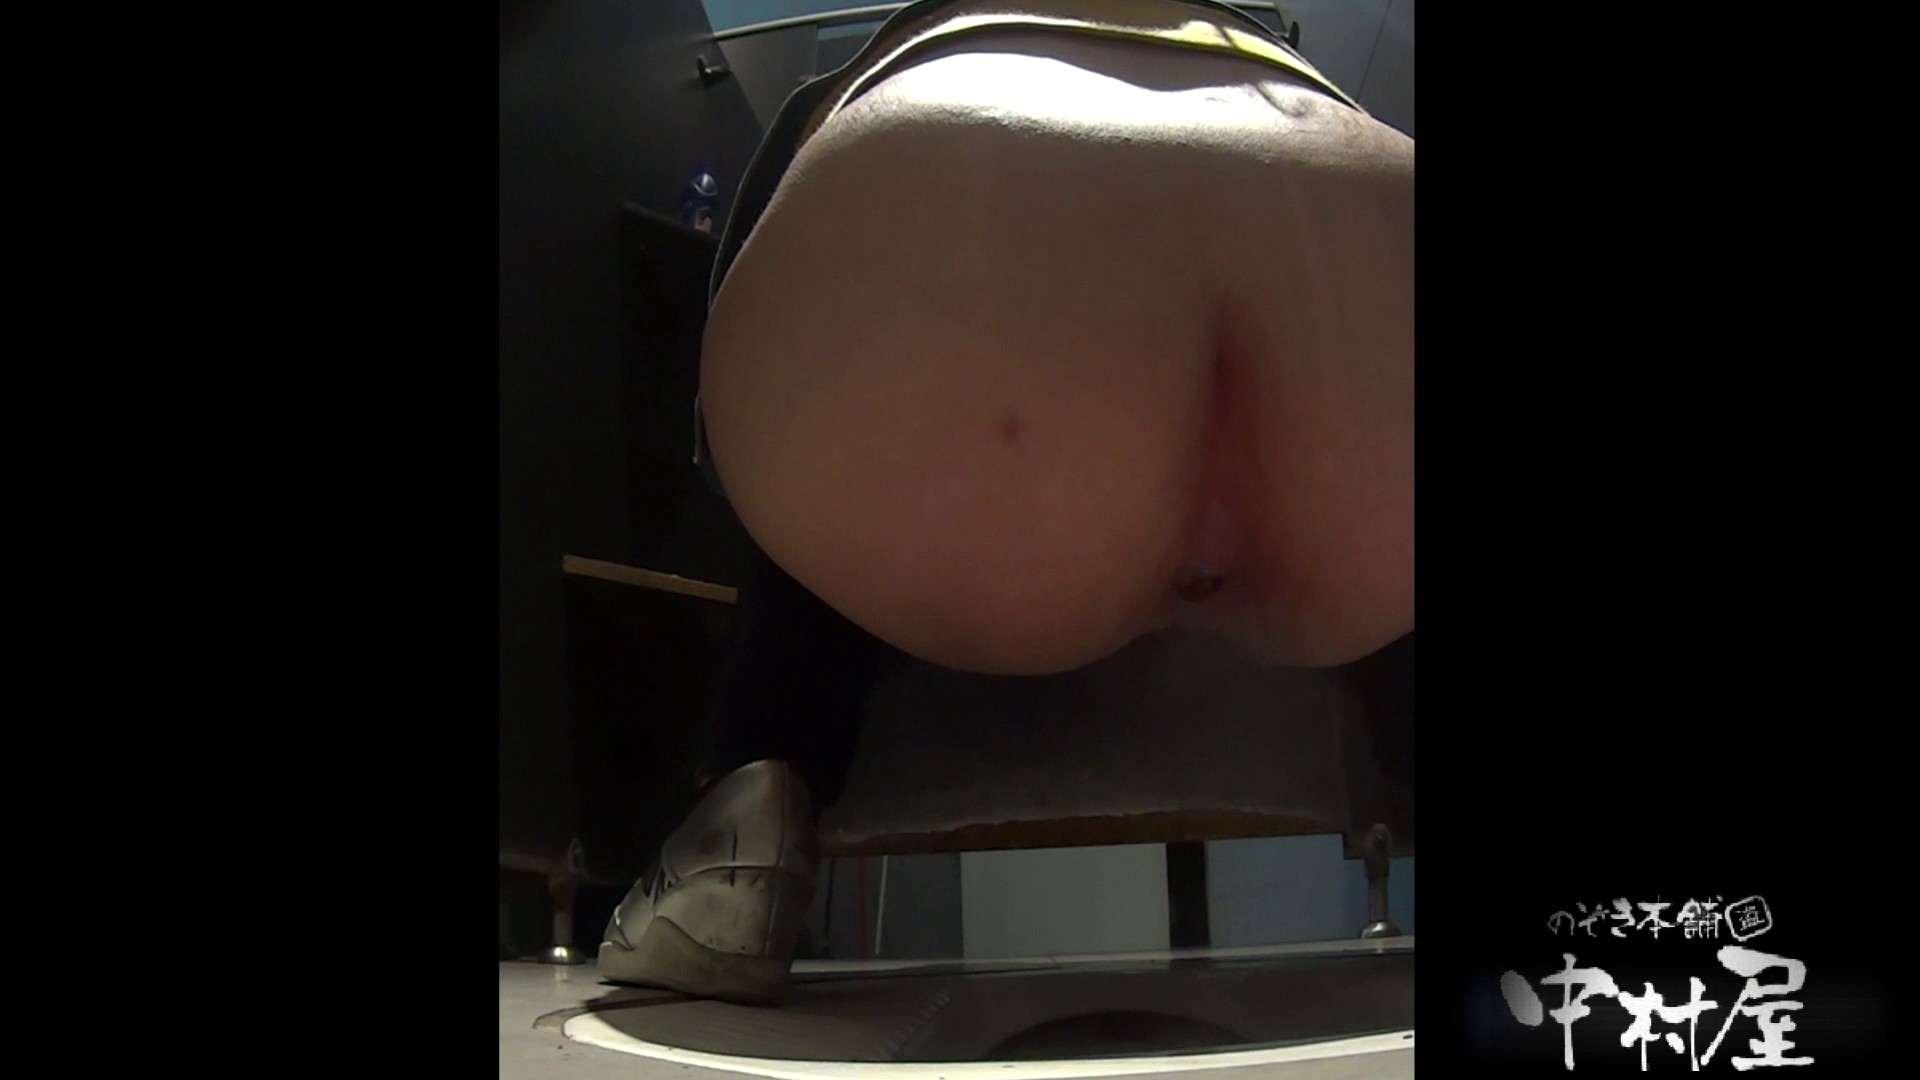 お尻に出来てるオデキがキュート 大学休憩時間の洗面所事情20 お姉さん丸裸 アダルト動画キャプチャ 86pic 58